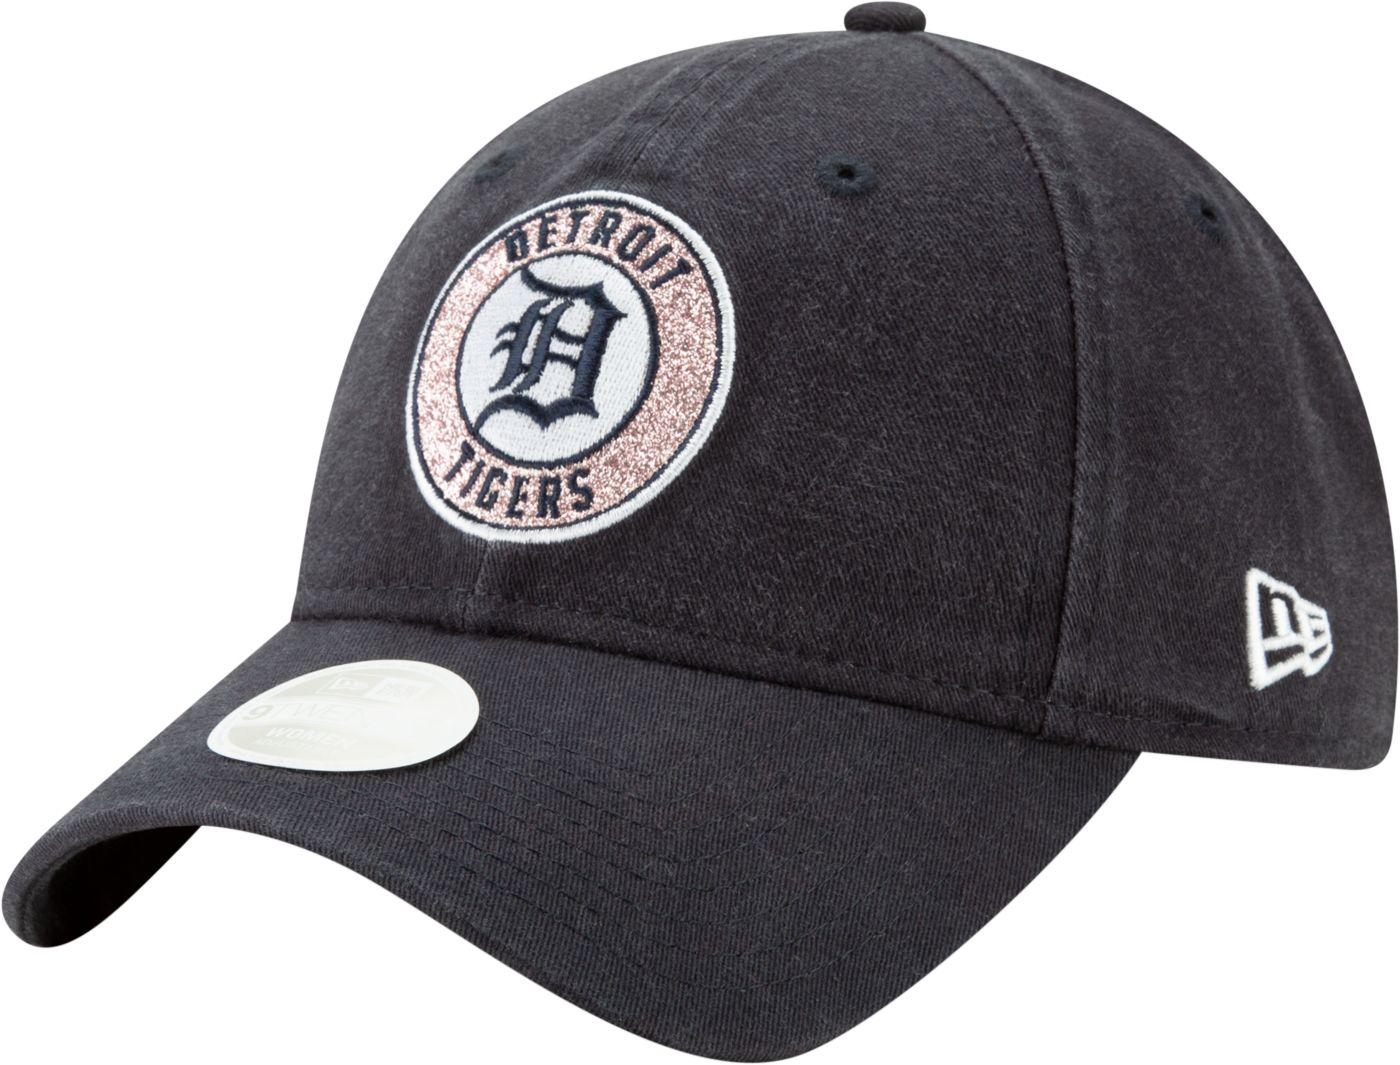 New Era Women's Detroit Tigers 9Twenty Patched Sparkle Adjustable Hat